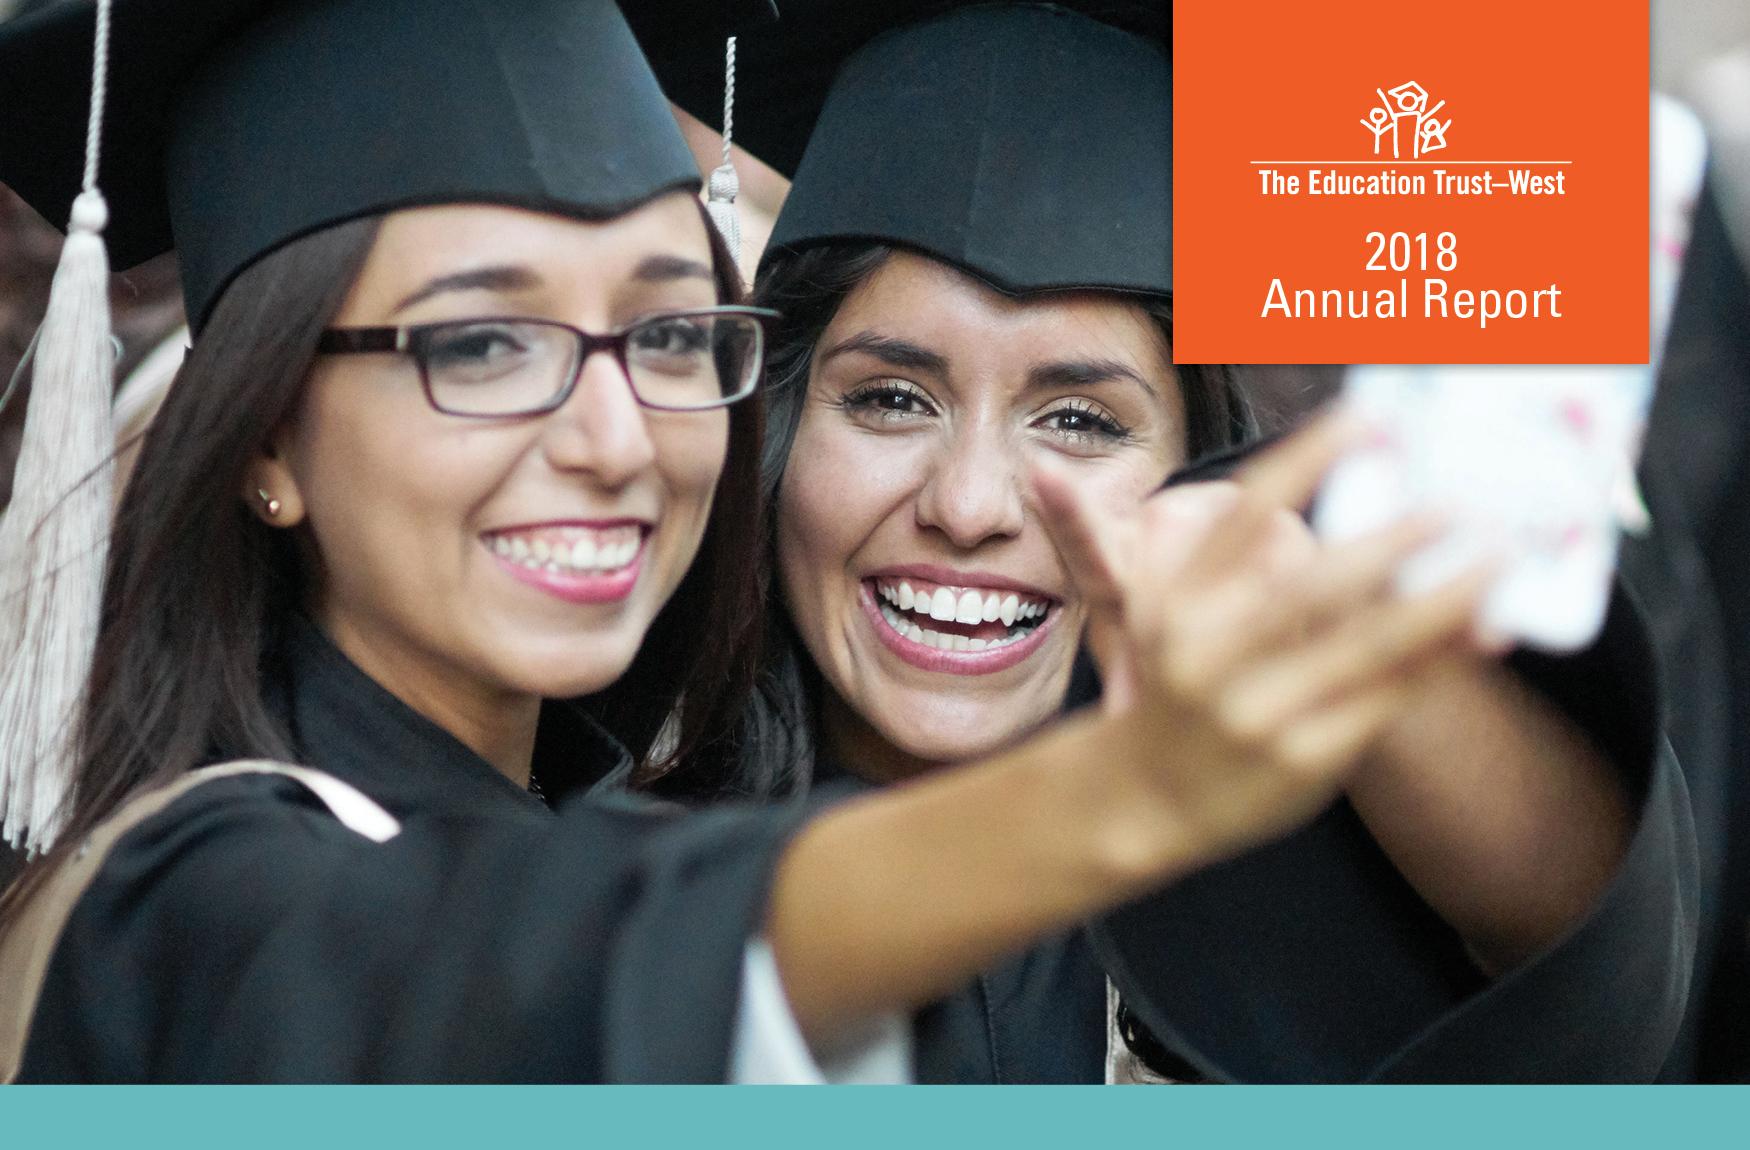 EducationTrust_2019_AnnualReport_V11.jpg